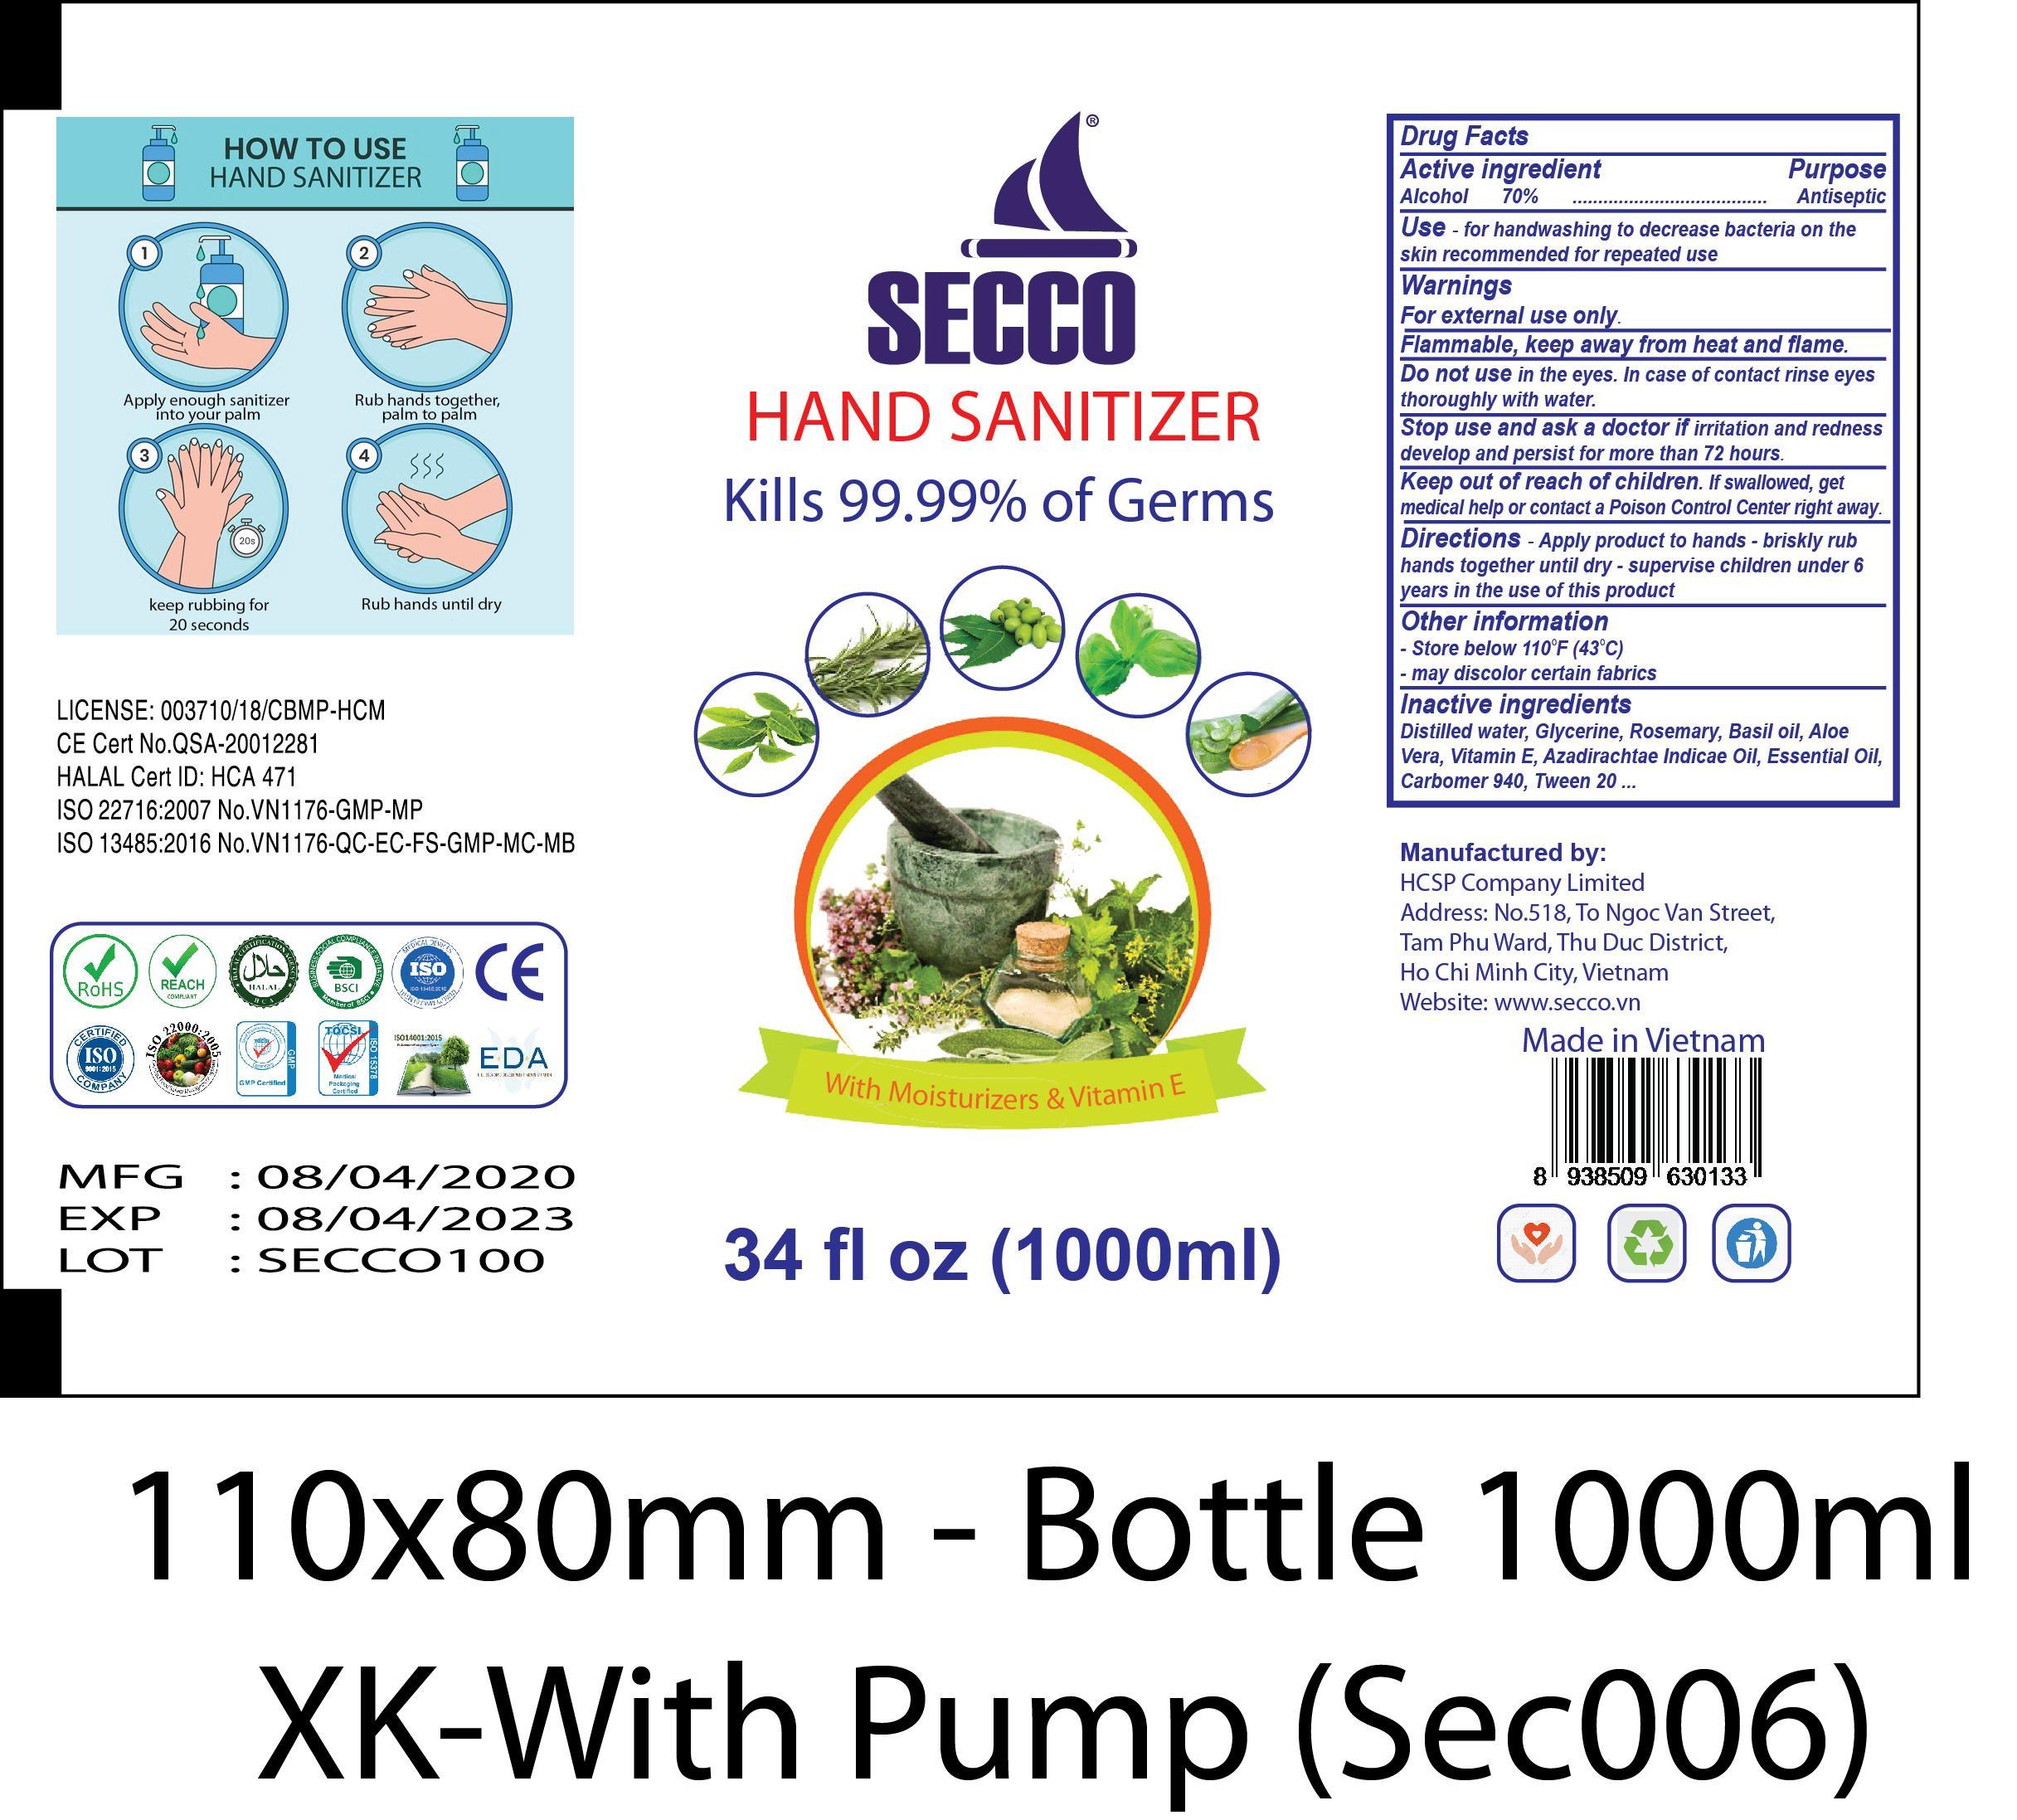 SECCO 1000ML